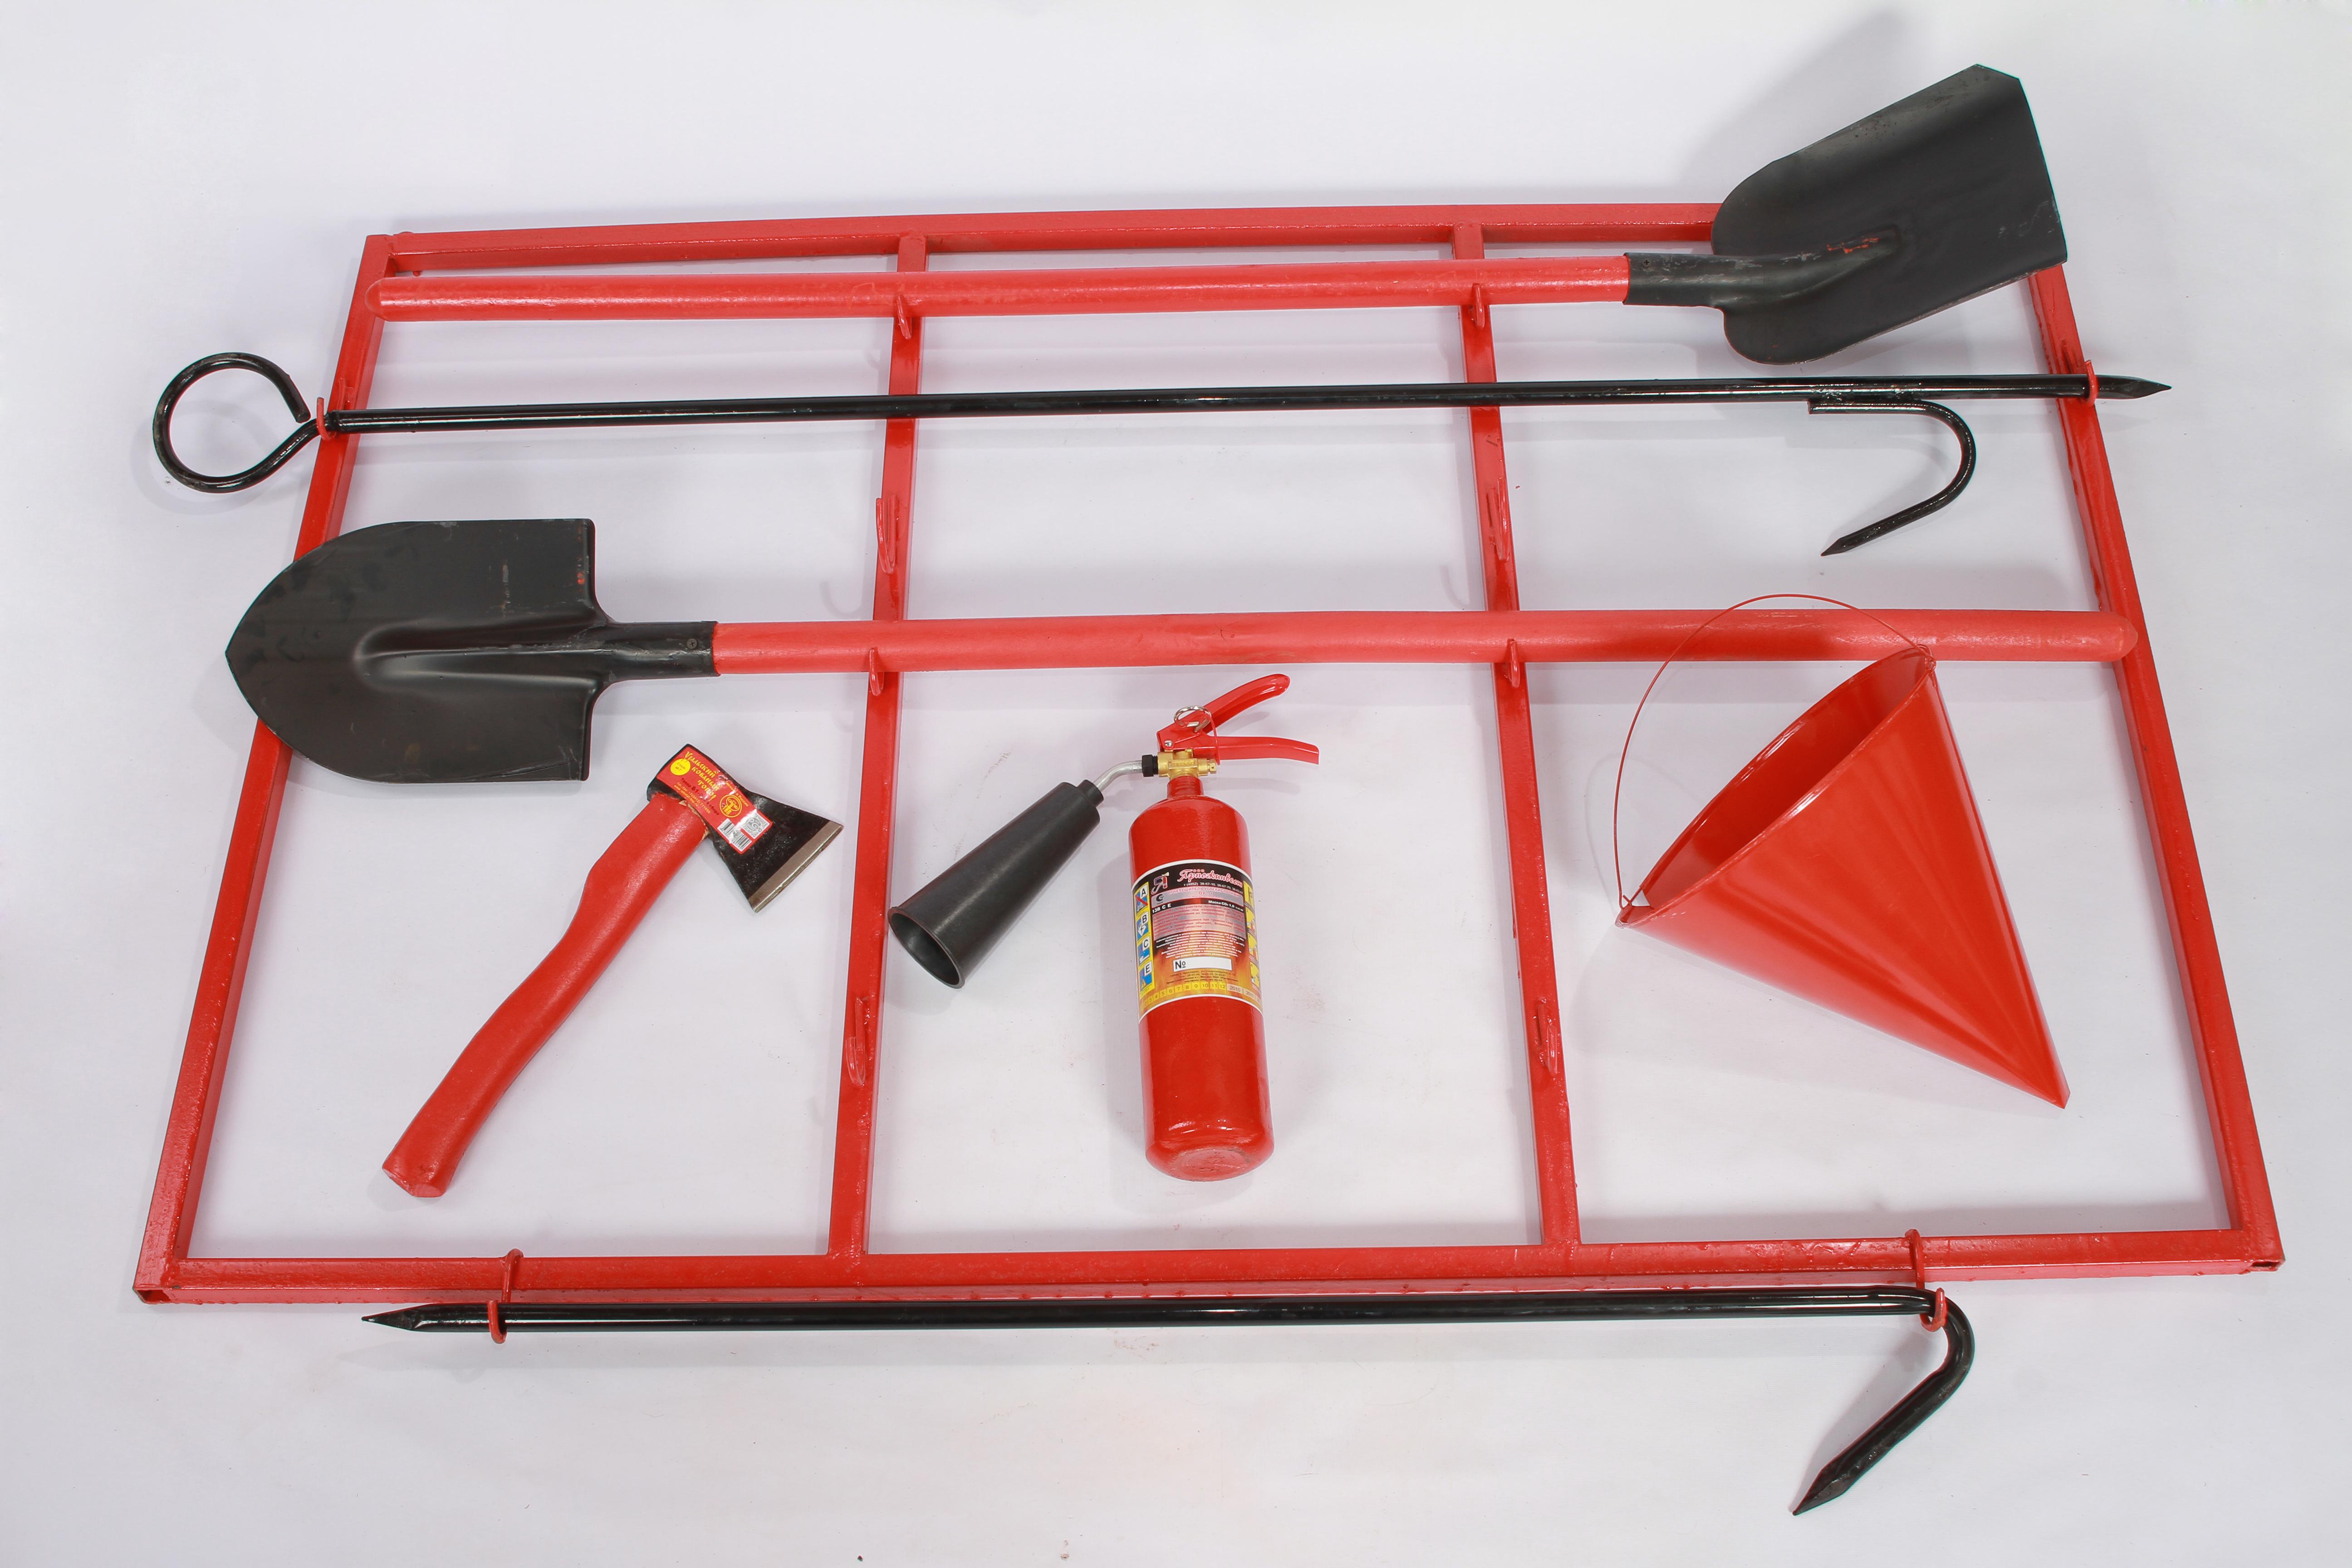 этот вкусный каталог противопожарного инвентаря фото общее то, что